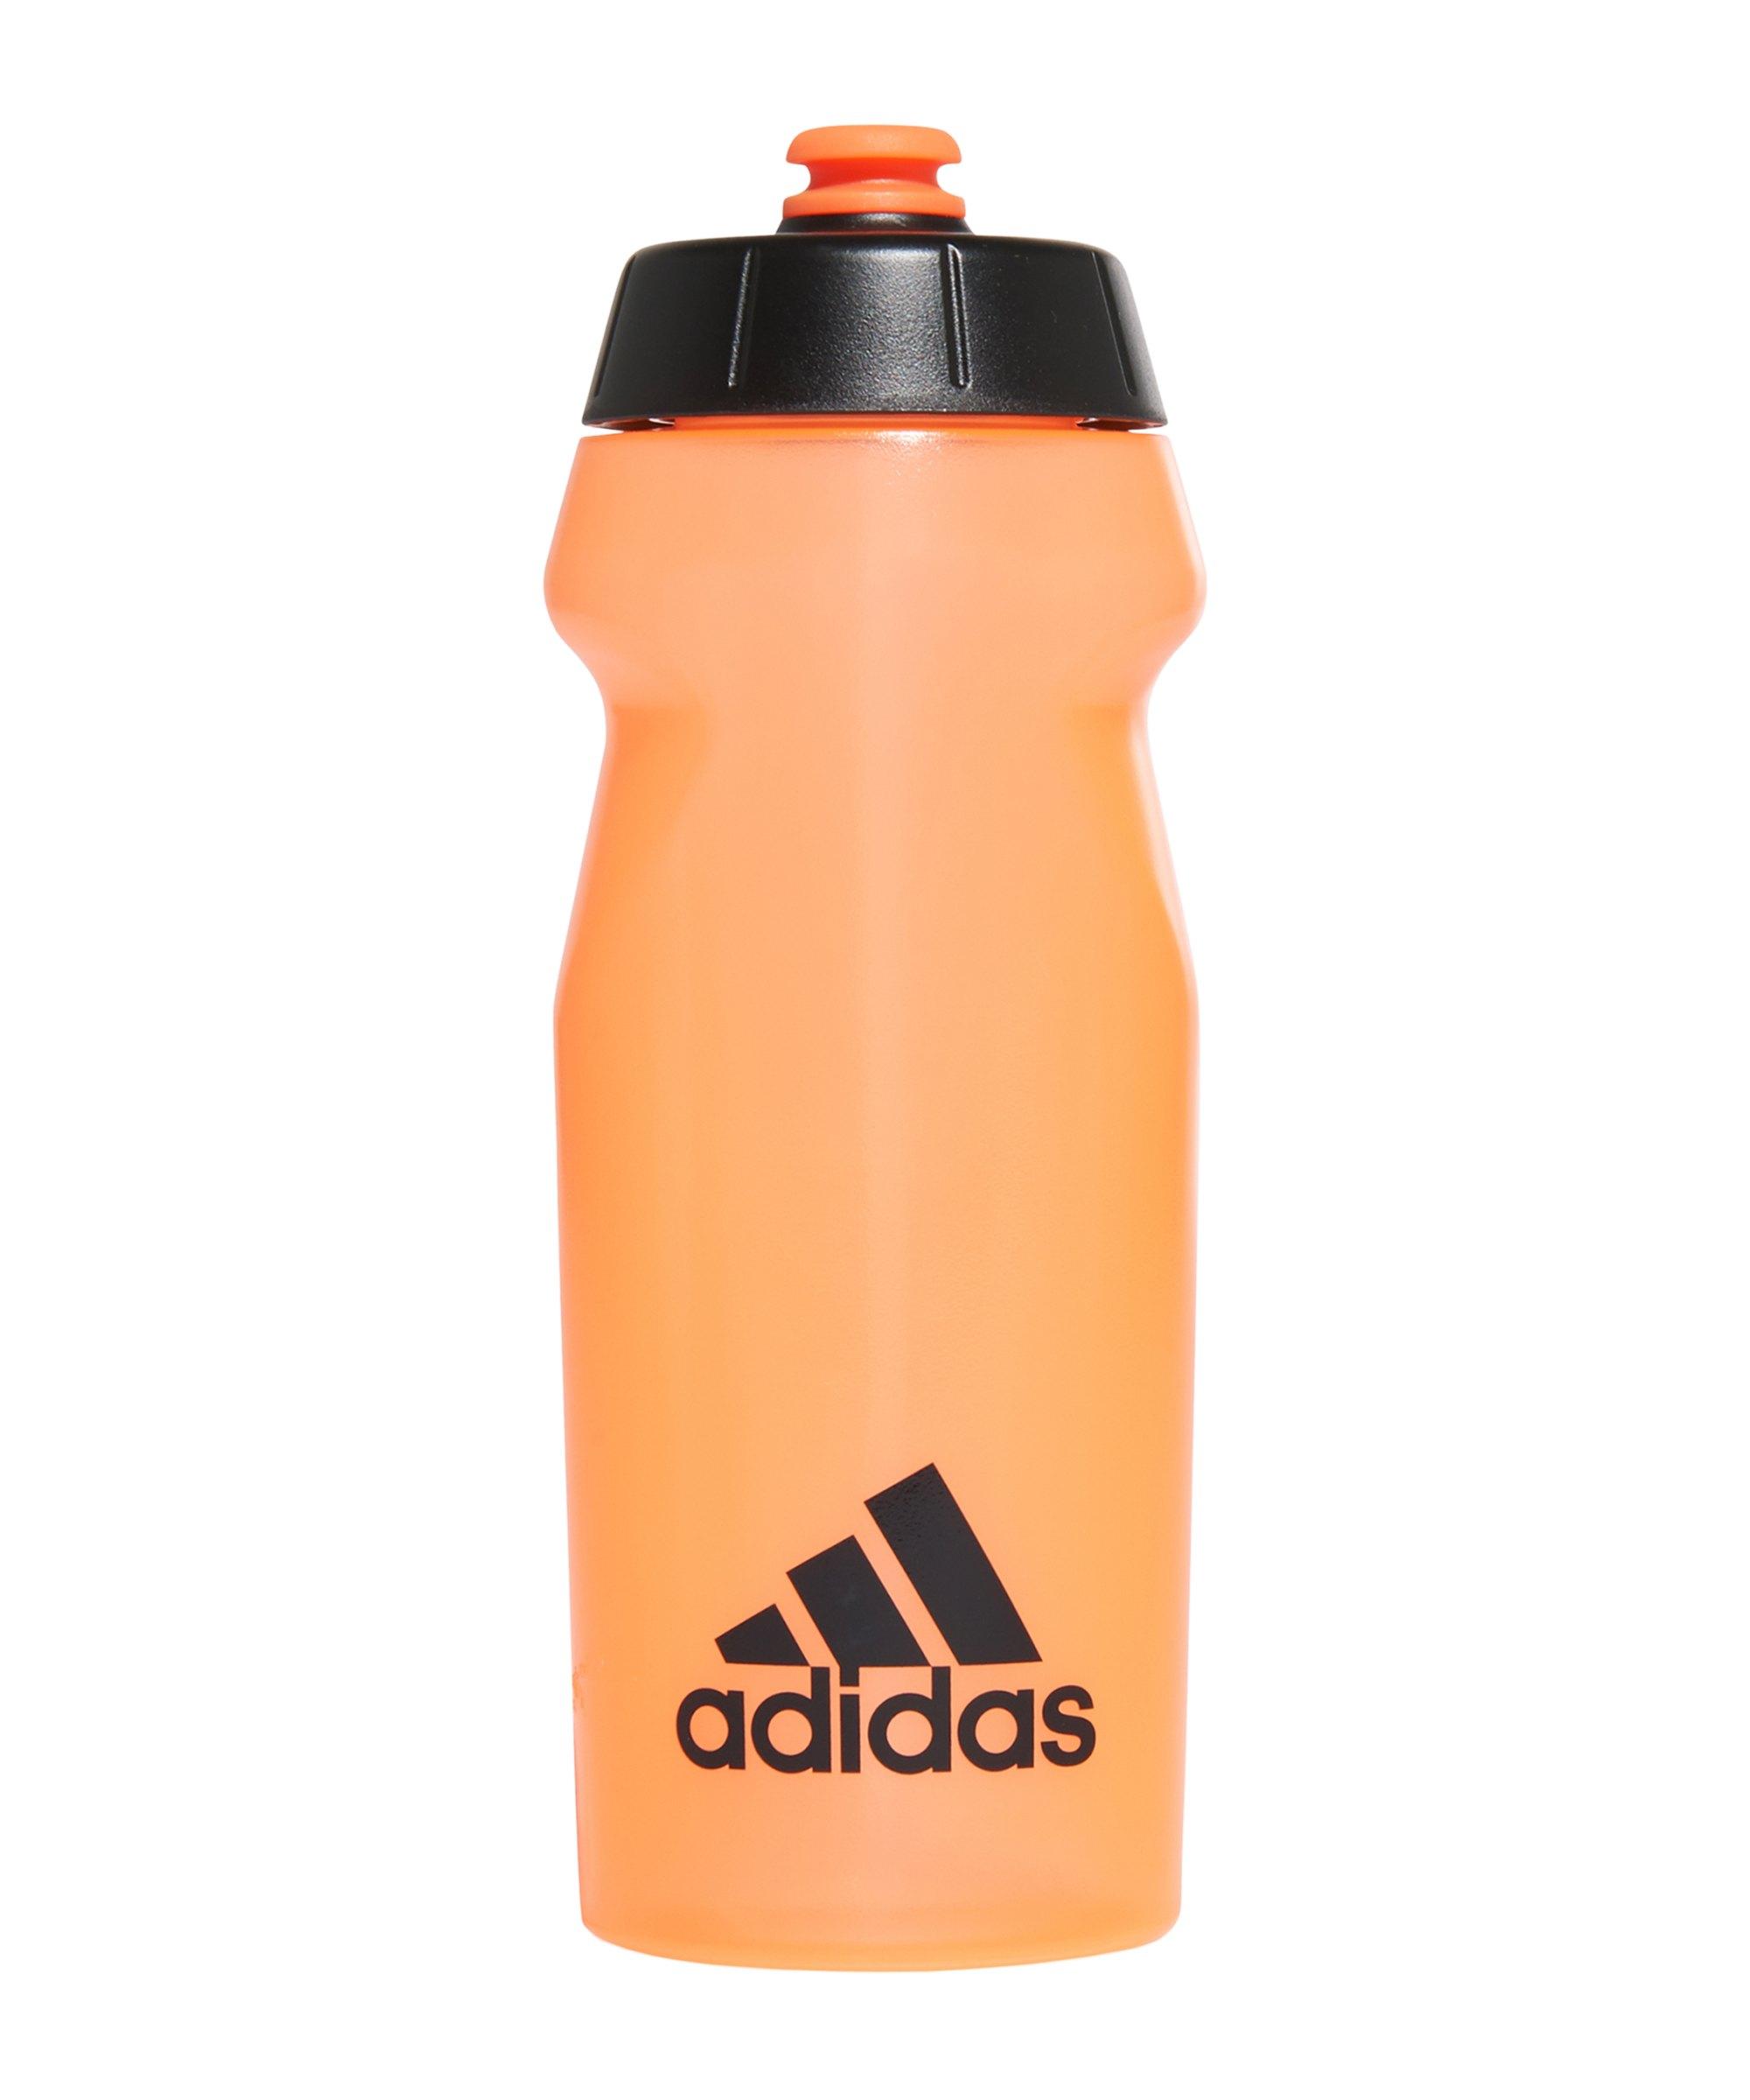 adidas Performance Trinkflasche 500ml Orange - orange